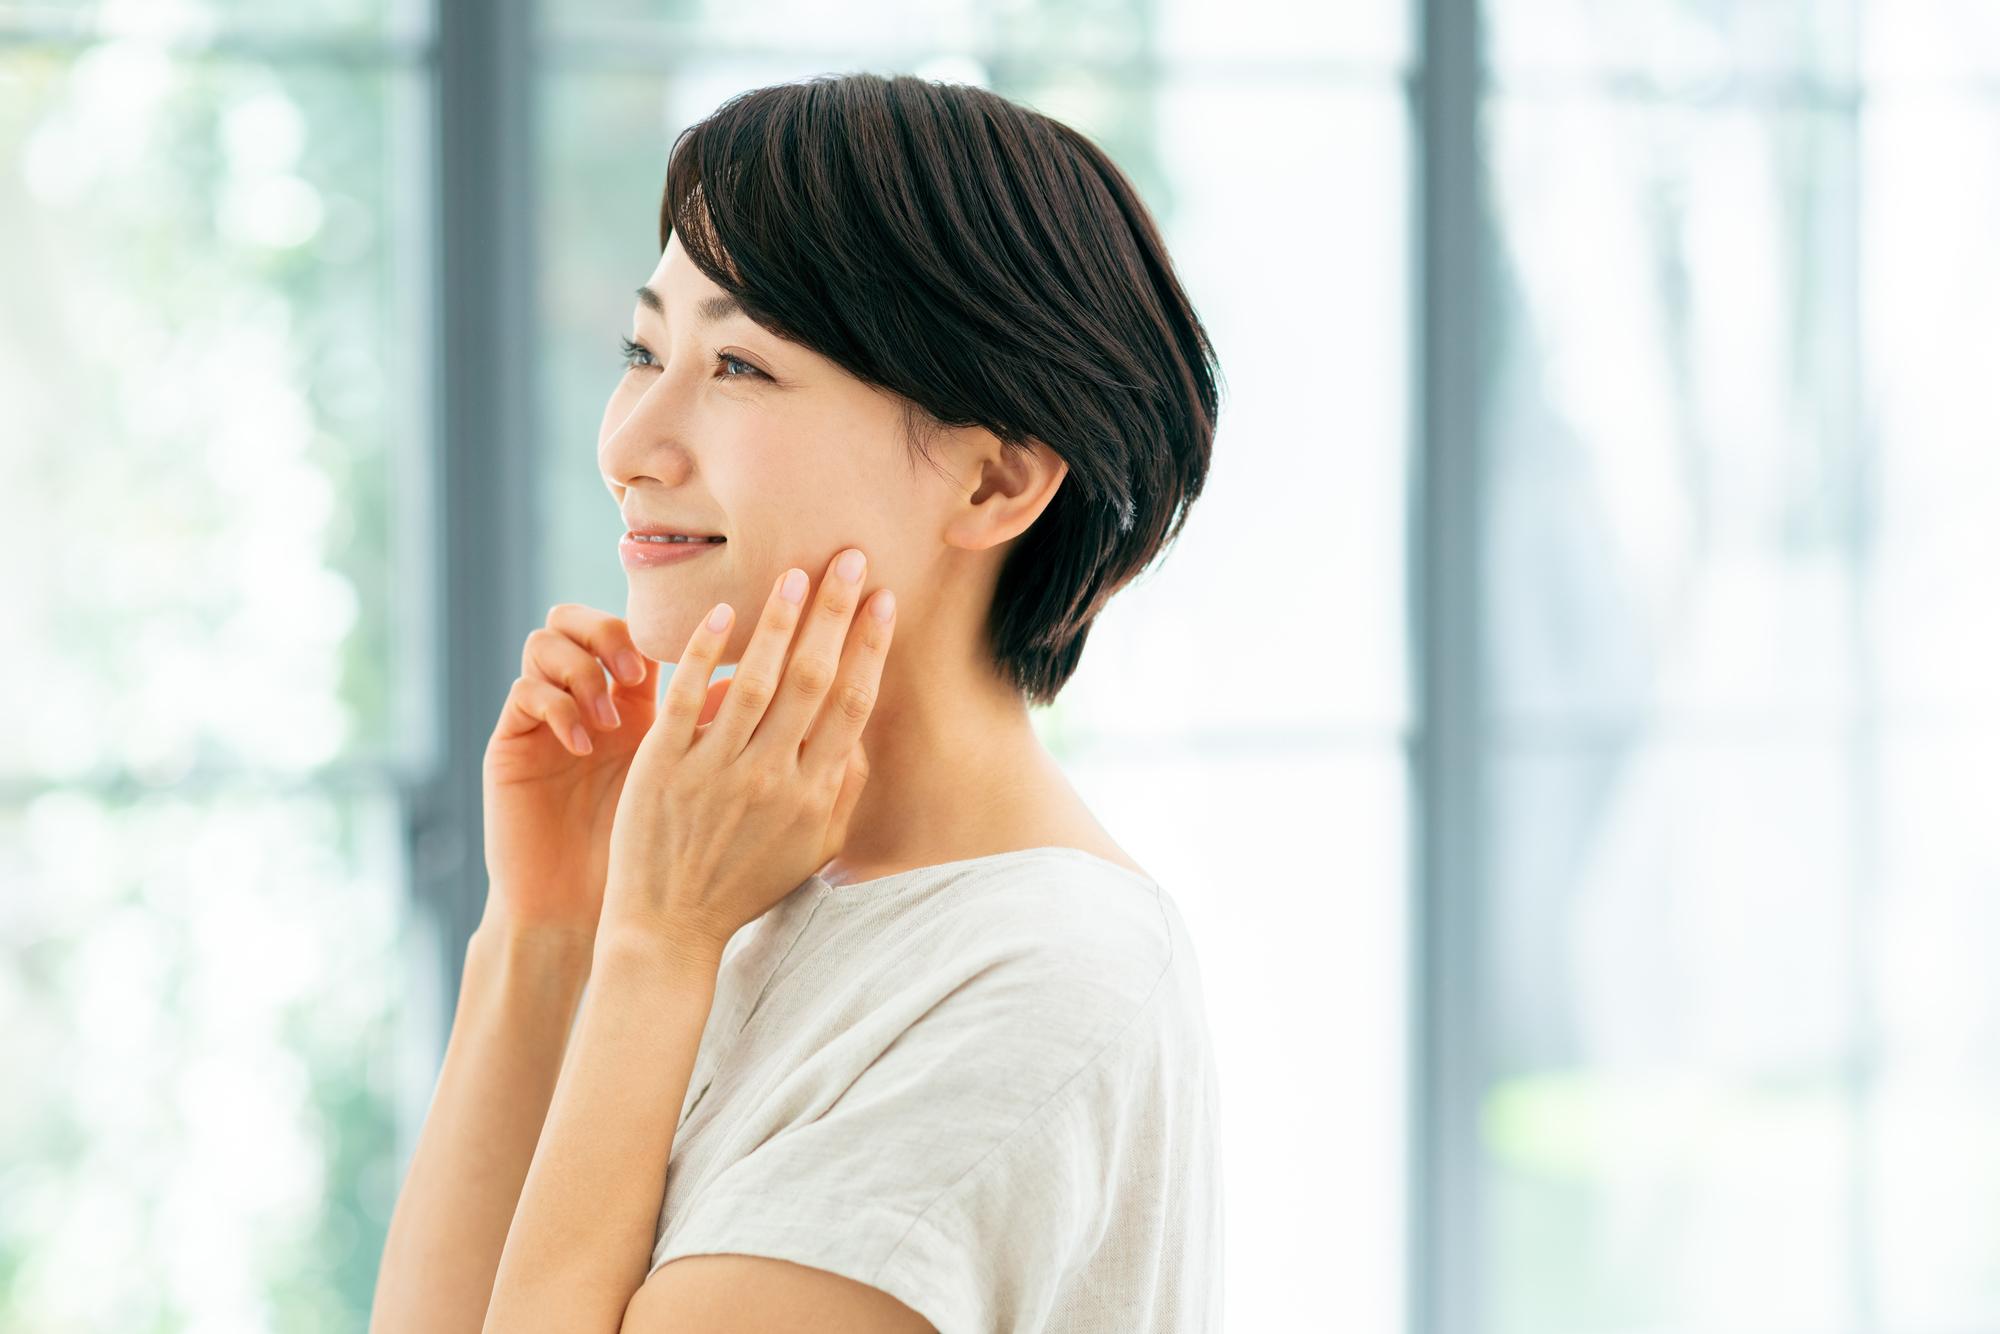 エイジングケア美容液ランキング 成分と効果で選ぶおすすめ&プチプラ12選